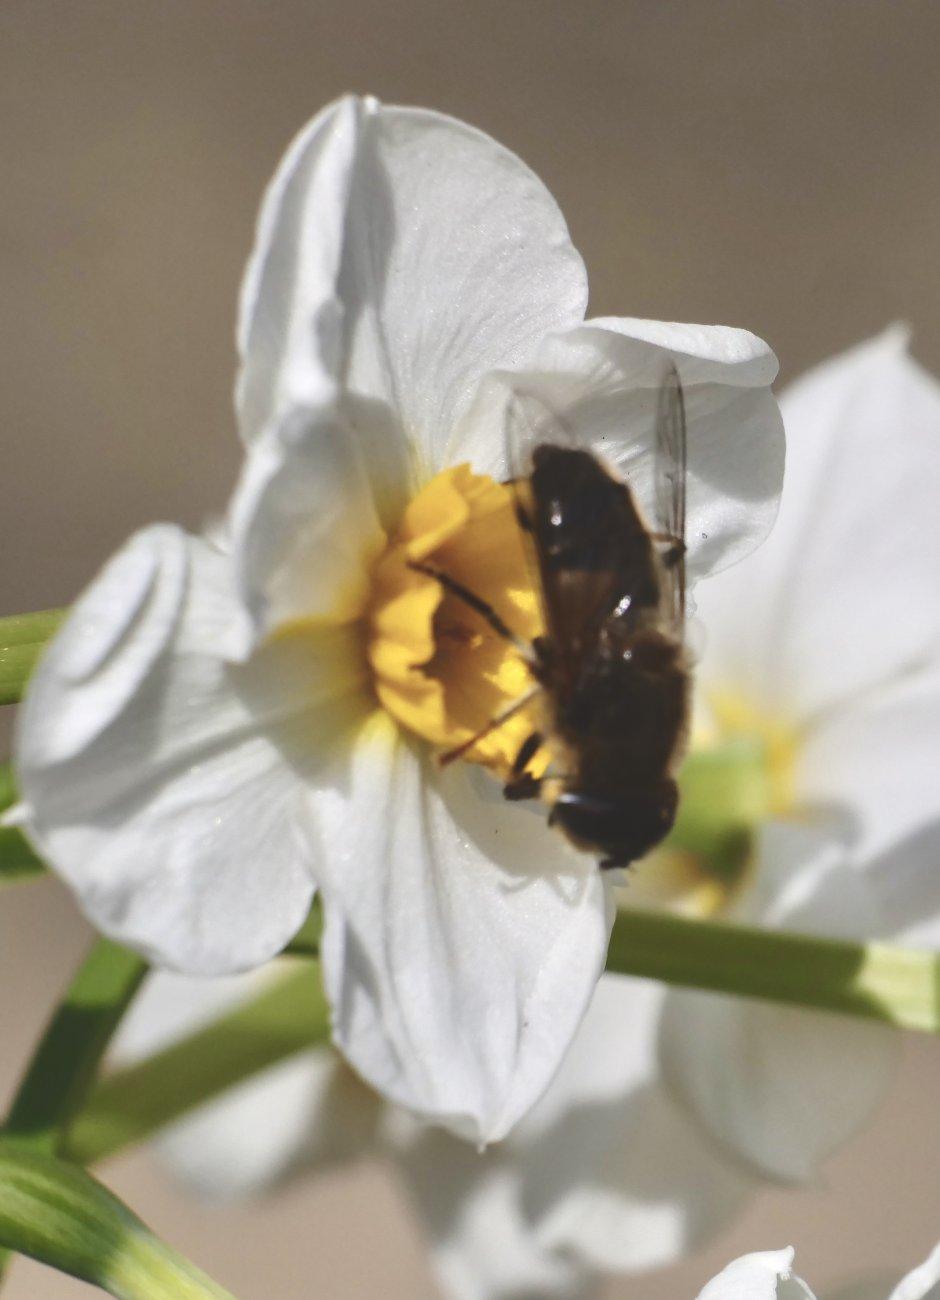 call me the pollinator